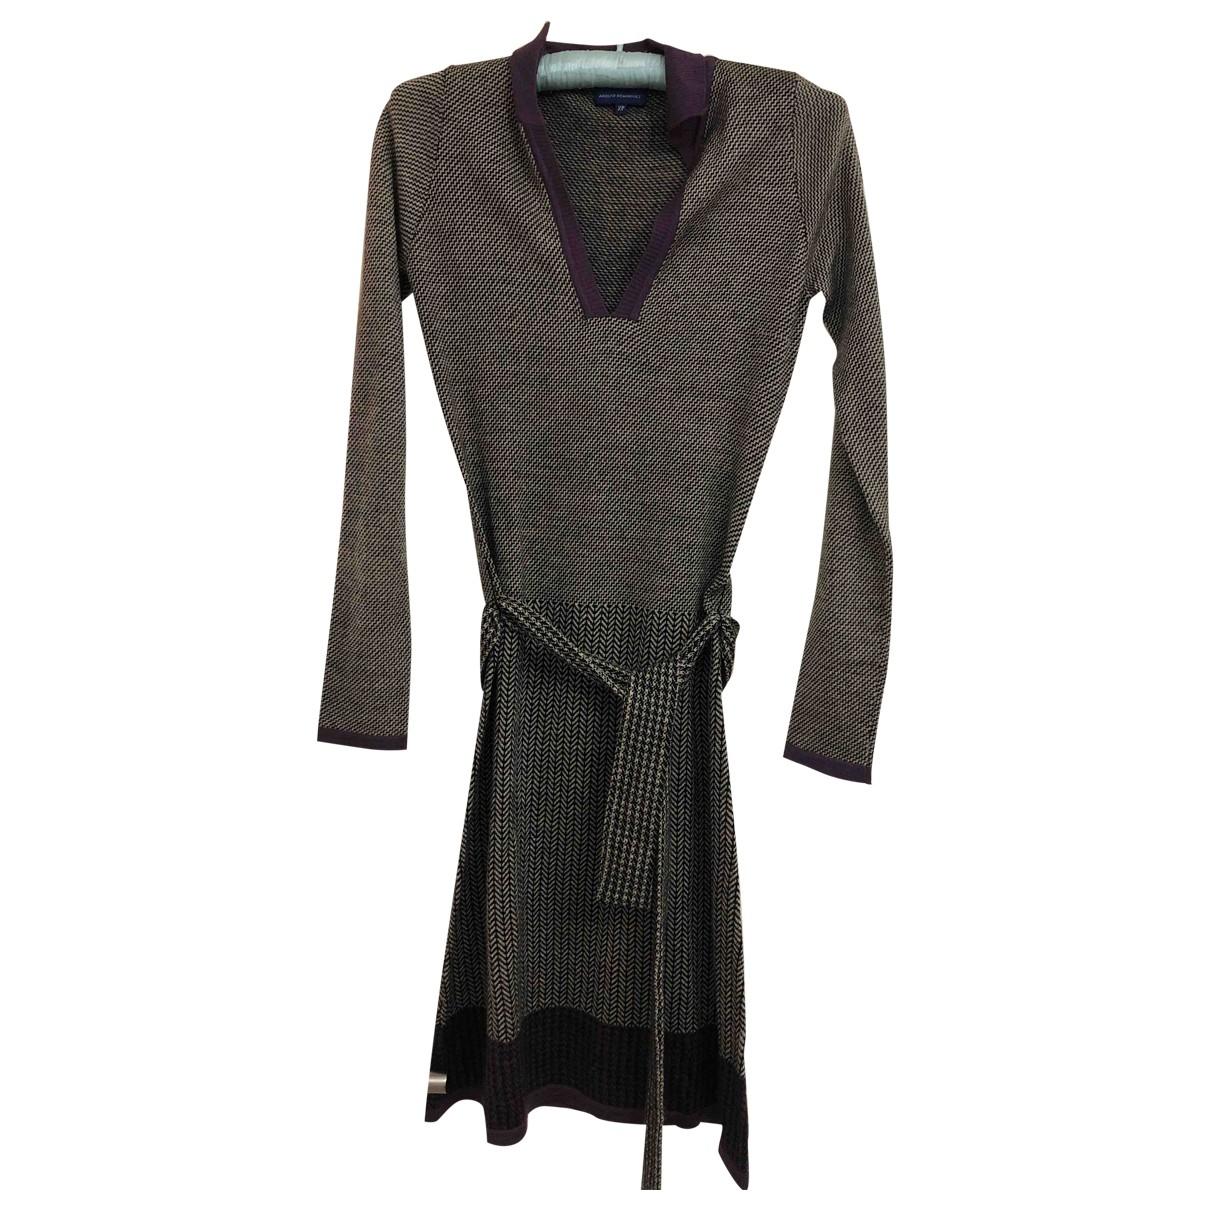 Adolfo Dominguez \N Kleid in  Beige Wolle